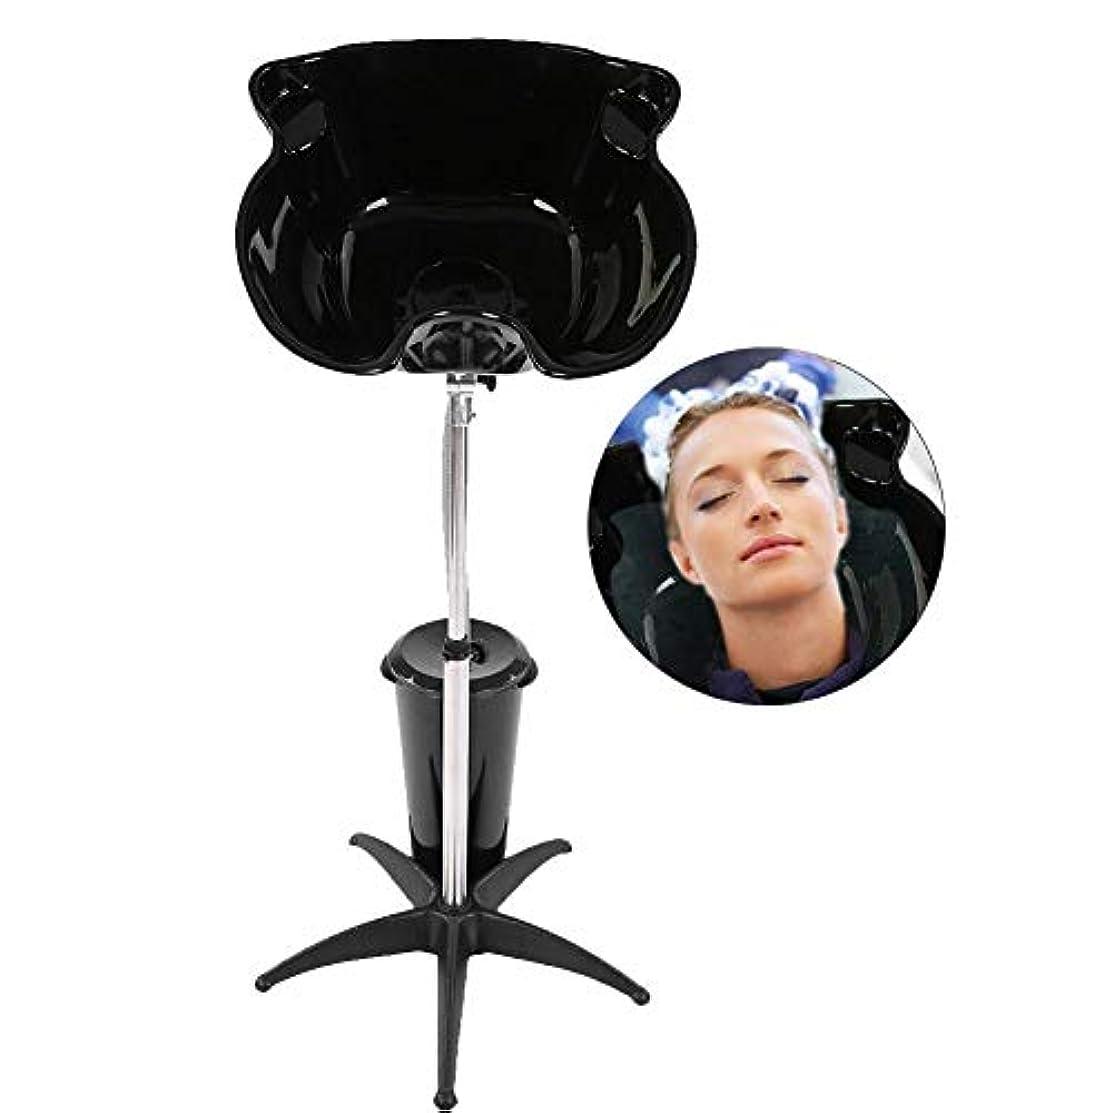 数学者通訳眼水切り付き洗面器、高さ調節可能ステンレススチール理髪店のシンク